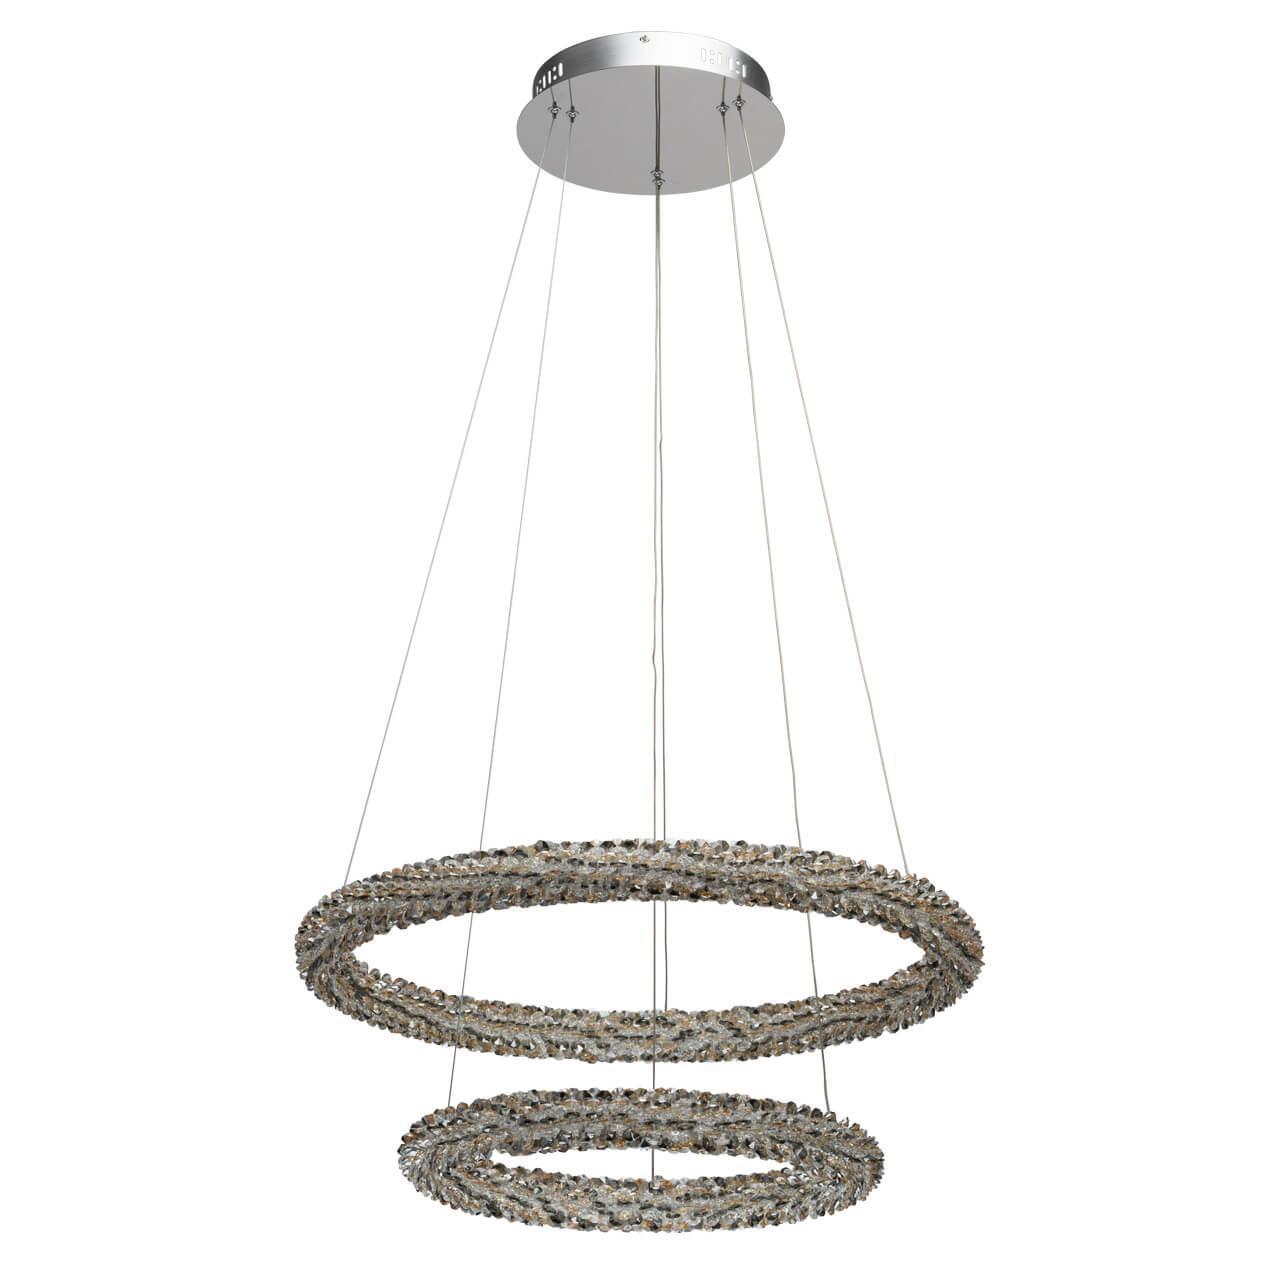 Подвесной светодиодный светильник Chiaro Гослар 12 498014302 подвесной светодиодный светильник chiaro гослар 5 498012202